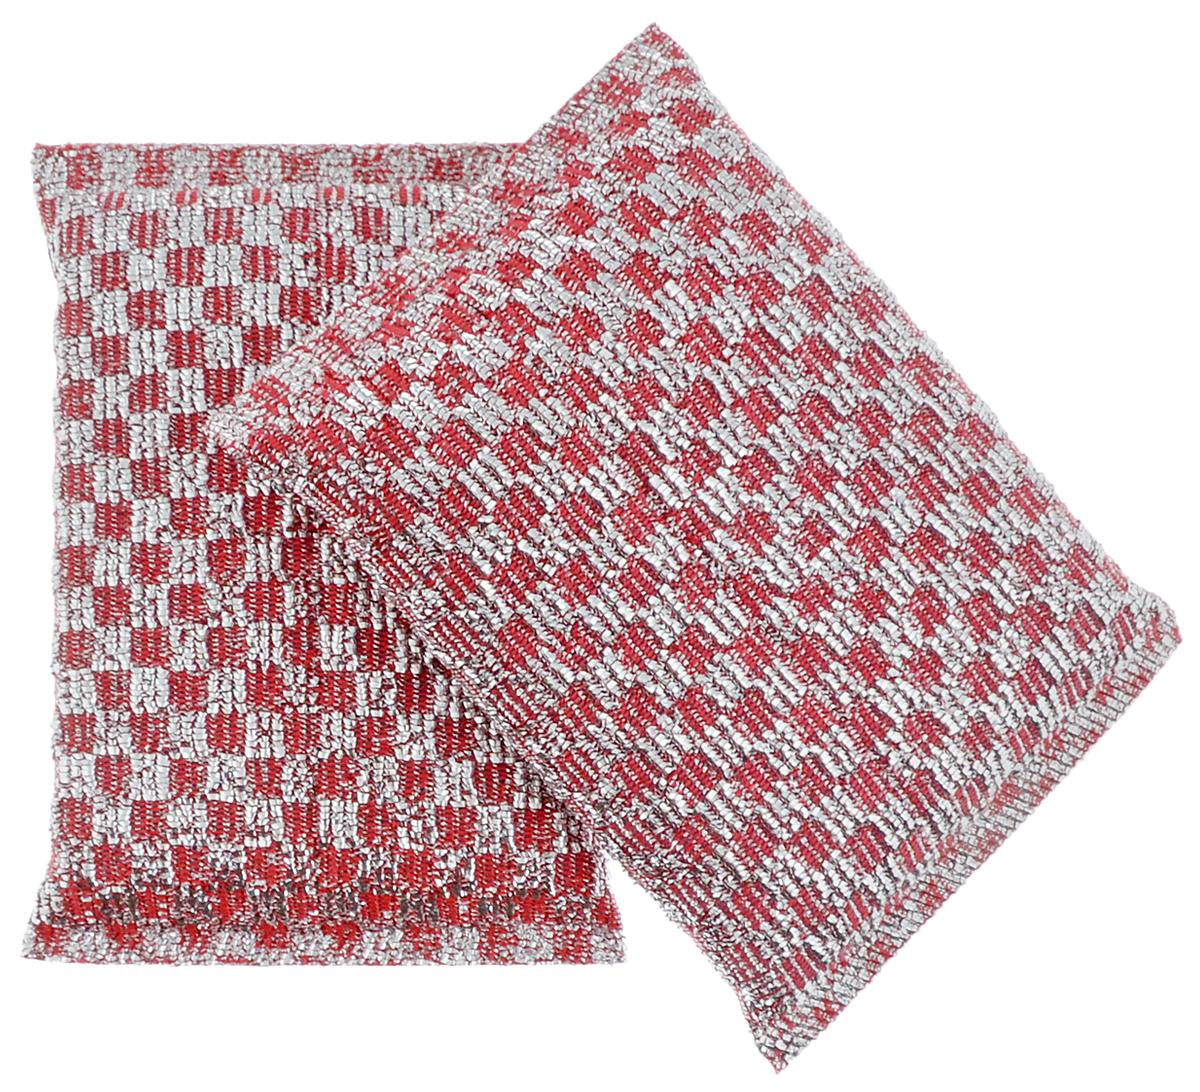 Губка для посуды Хозяюшка Мила Блеск, цвет: красный, 2 шт1018_красныйНабор Хозяюшка Мила Блеск состоит из 2 губок. Губки предназначены для интенсивной чистки и удаления сильных загрязнений с посуды (противни, решетки-гриль, кастрюли). Губки сохраняют чистоту и свежесть даже после многократного применения, а их эргономичная форма удобна для руки. Подходит для деликатных поверхностей. Размер губки: 12 х 8 х 2 см.